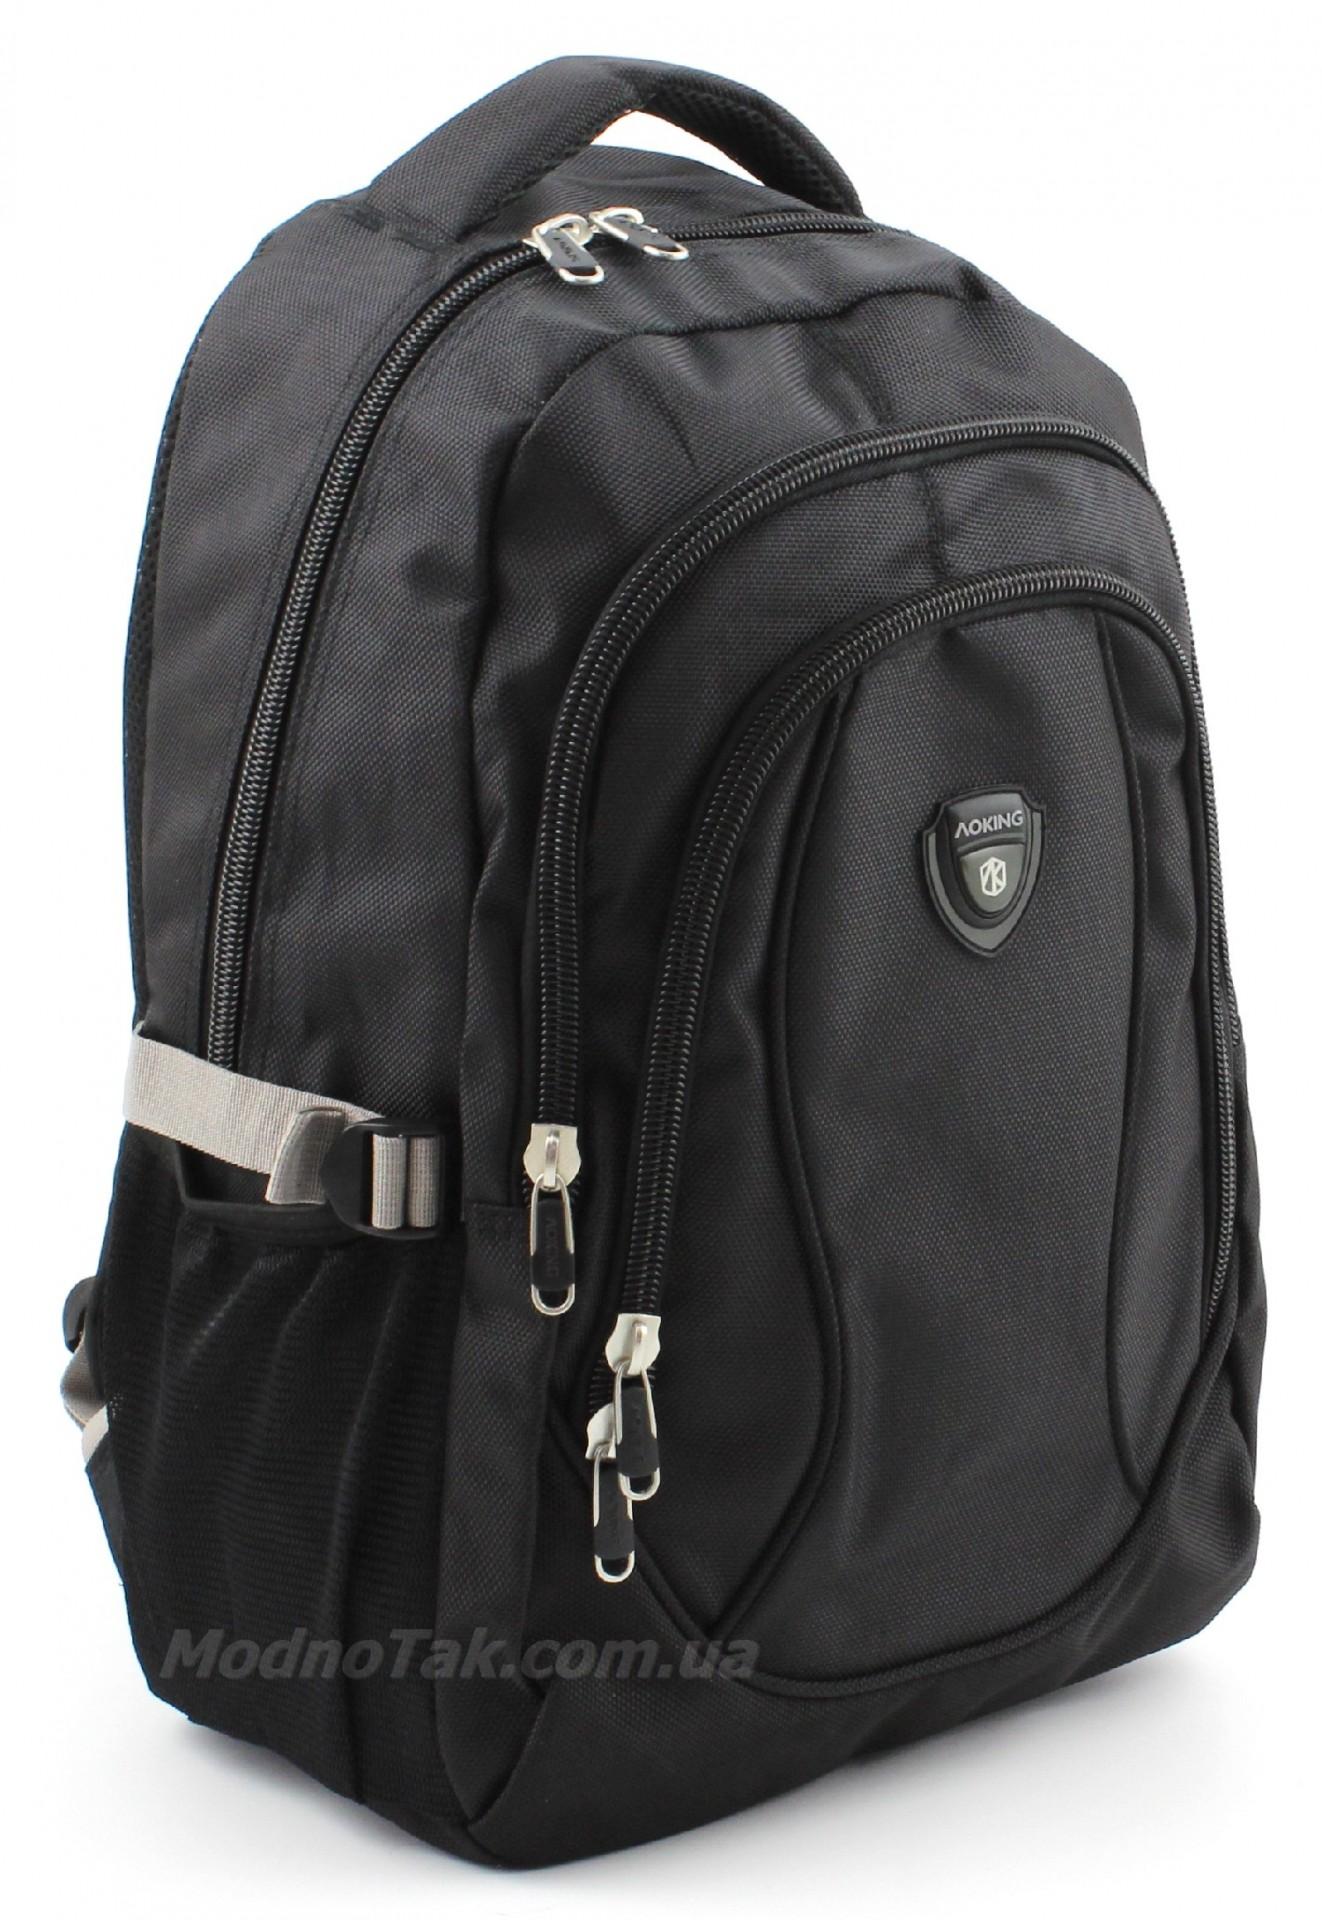 1cd3f4a4cb0b Современный очень качественный повседневный городской рюкзак AOKING (10015)